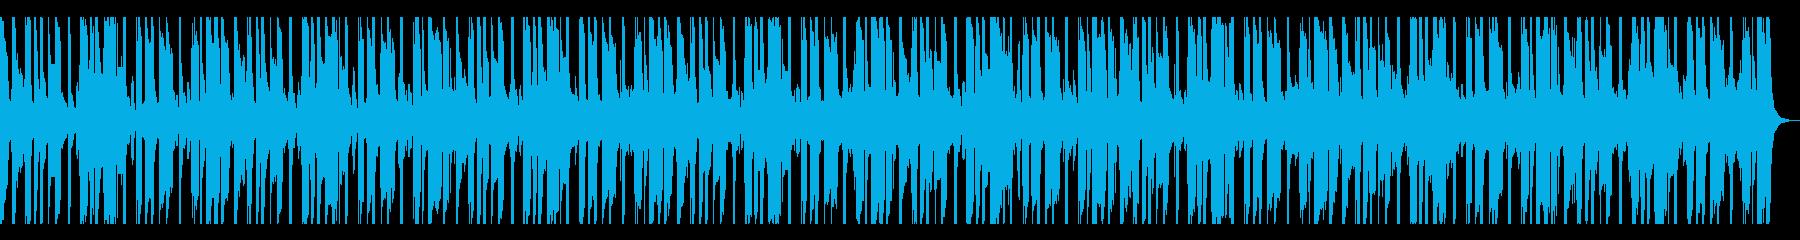 【短いVer11】スローファンクロックの再生済みの波形